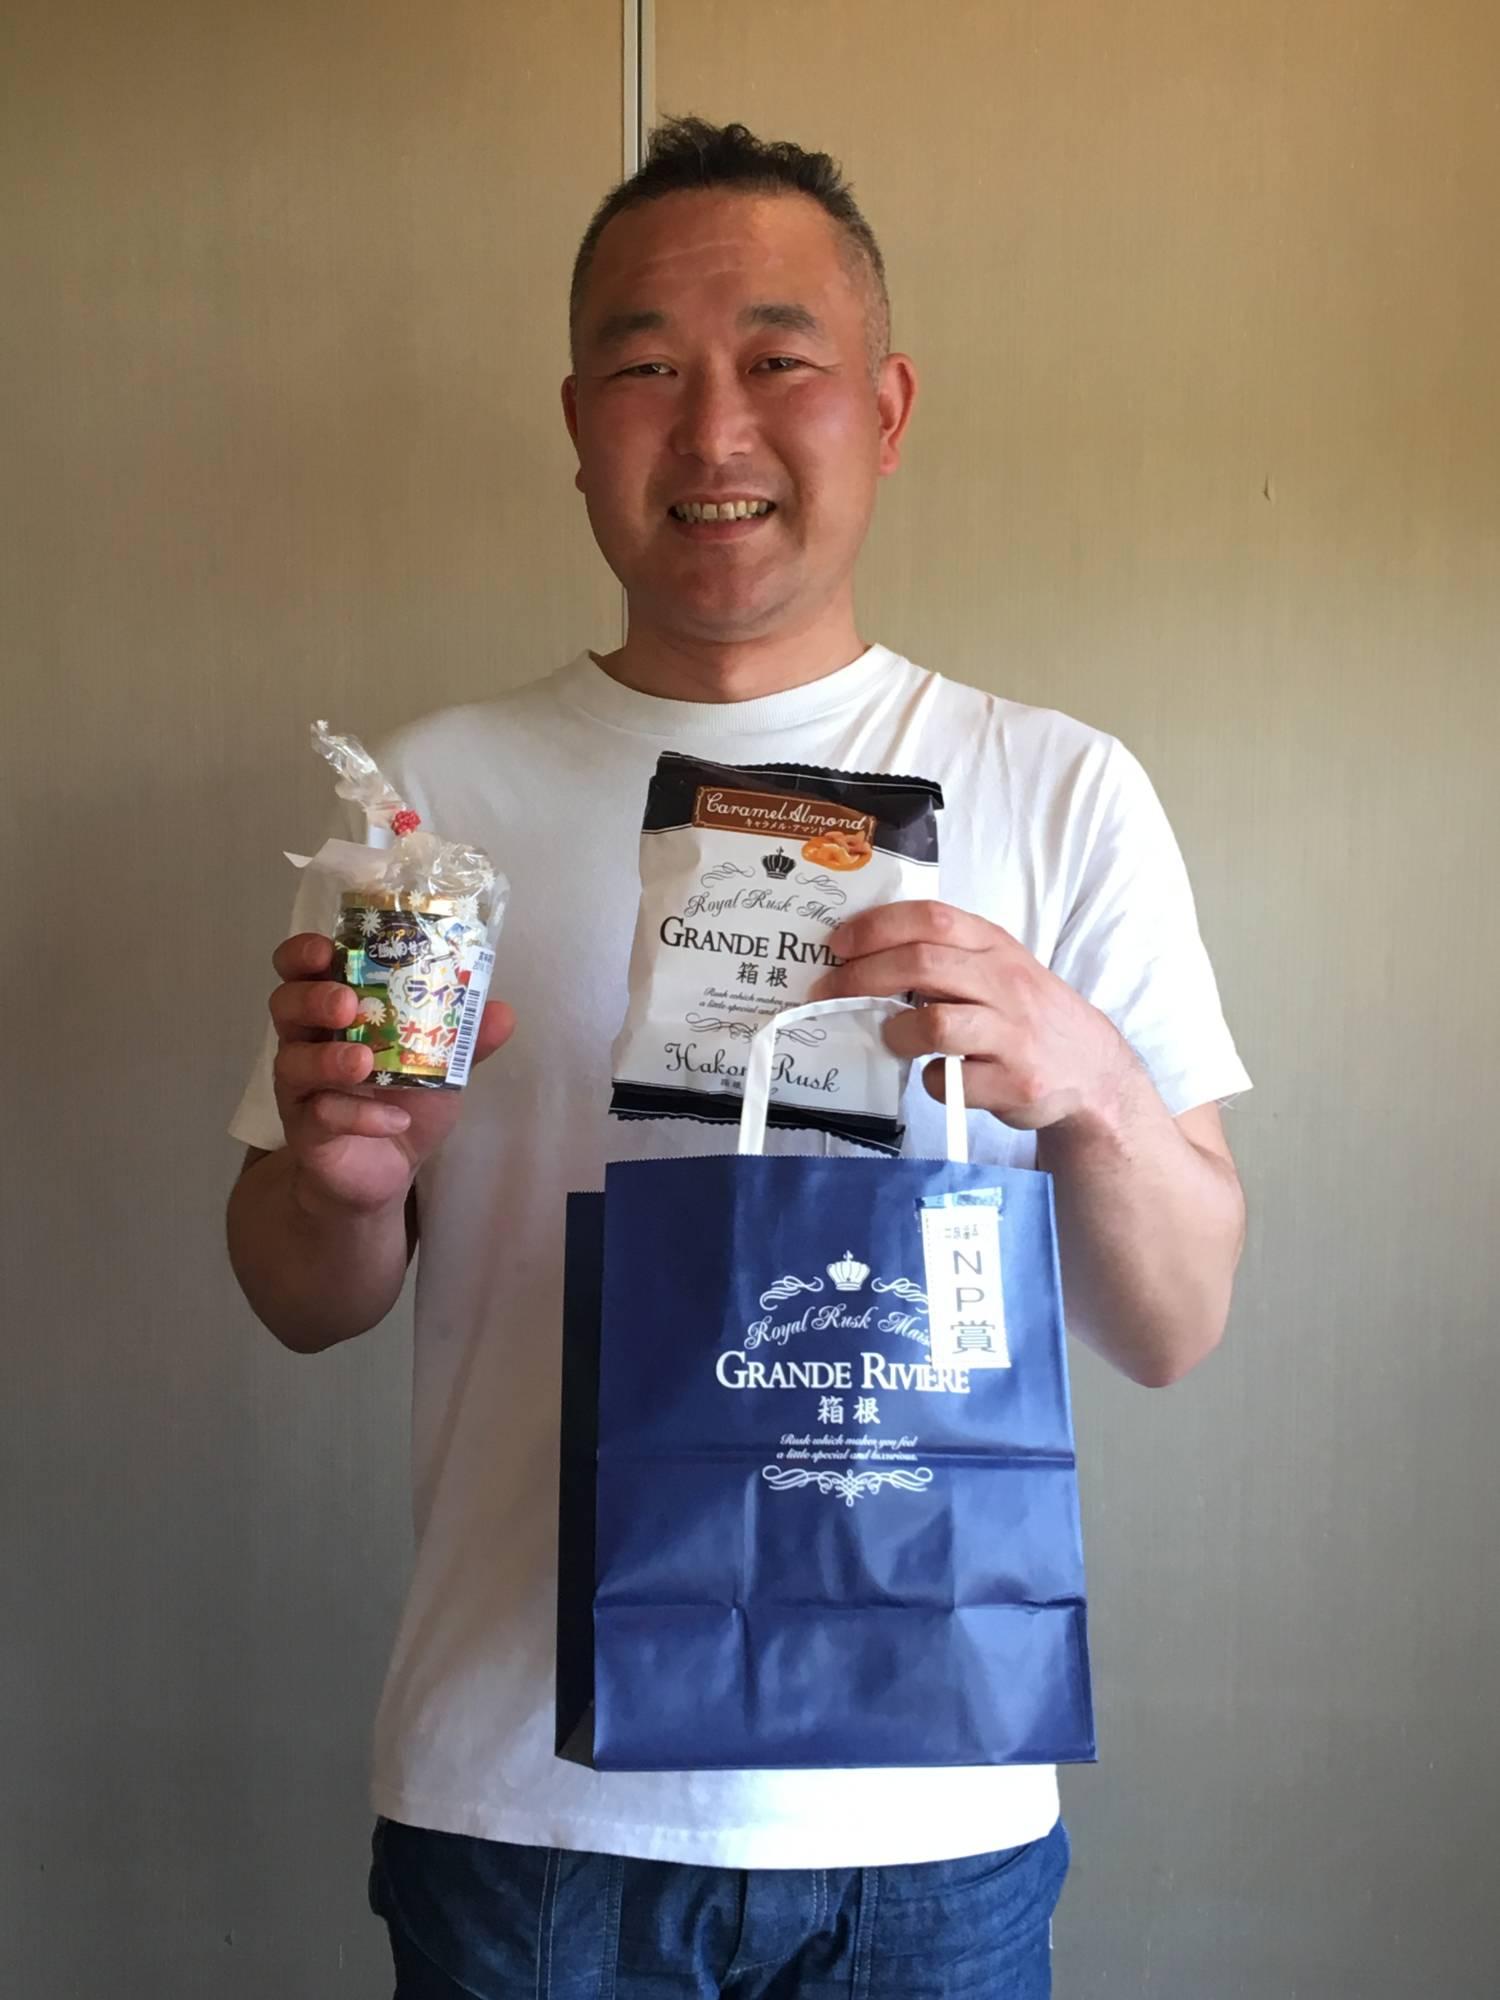 ニアピン賞の2種類の景品。ライスでナイスオンはご飯のおかず。おいしいラスクは支配人ご提供の景品。藤田さん